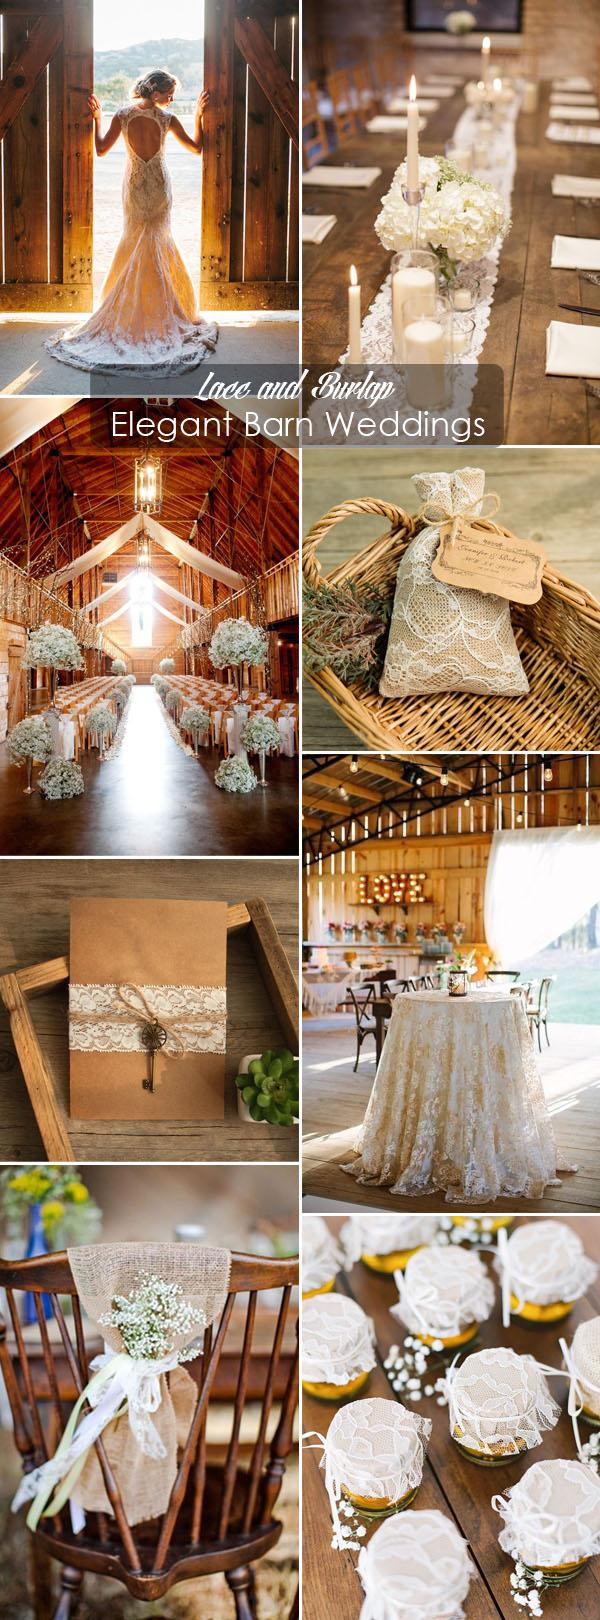 elegant lace rustic barn wedding ideas